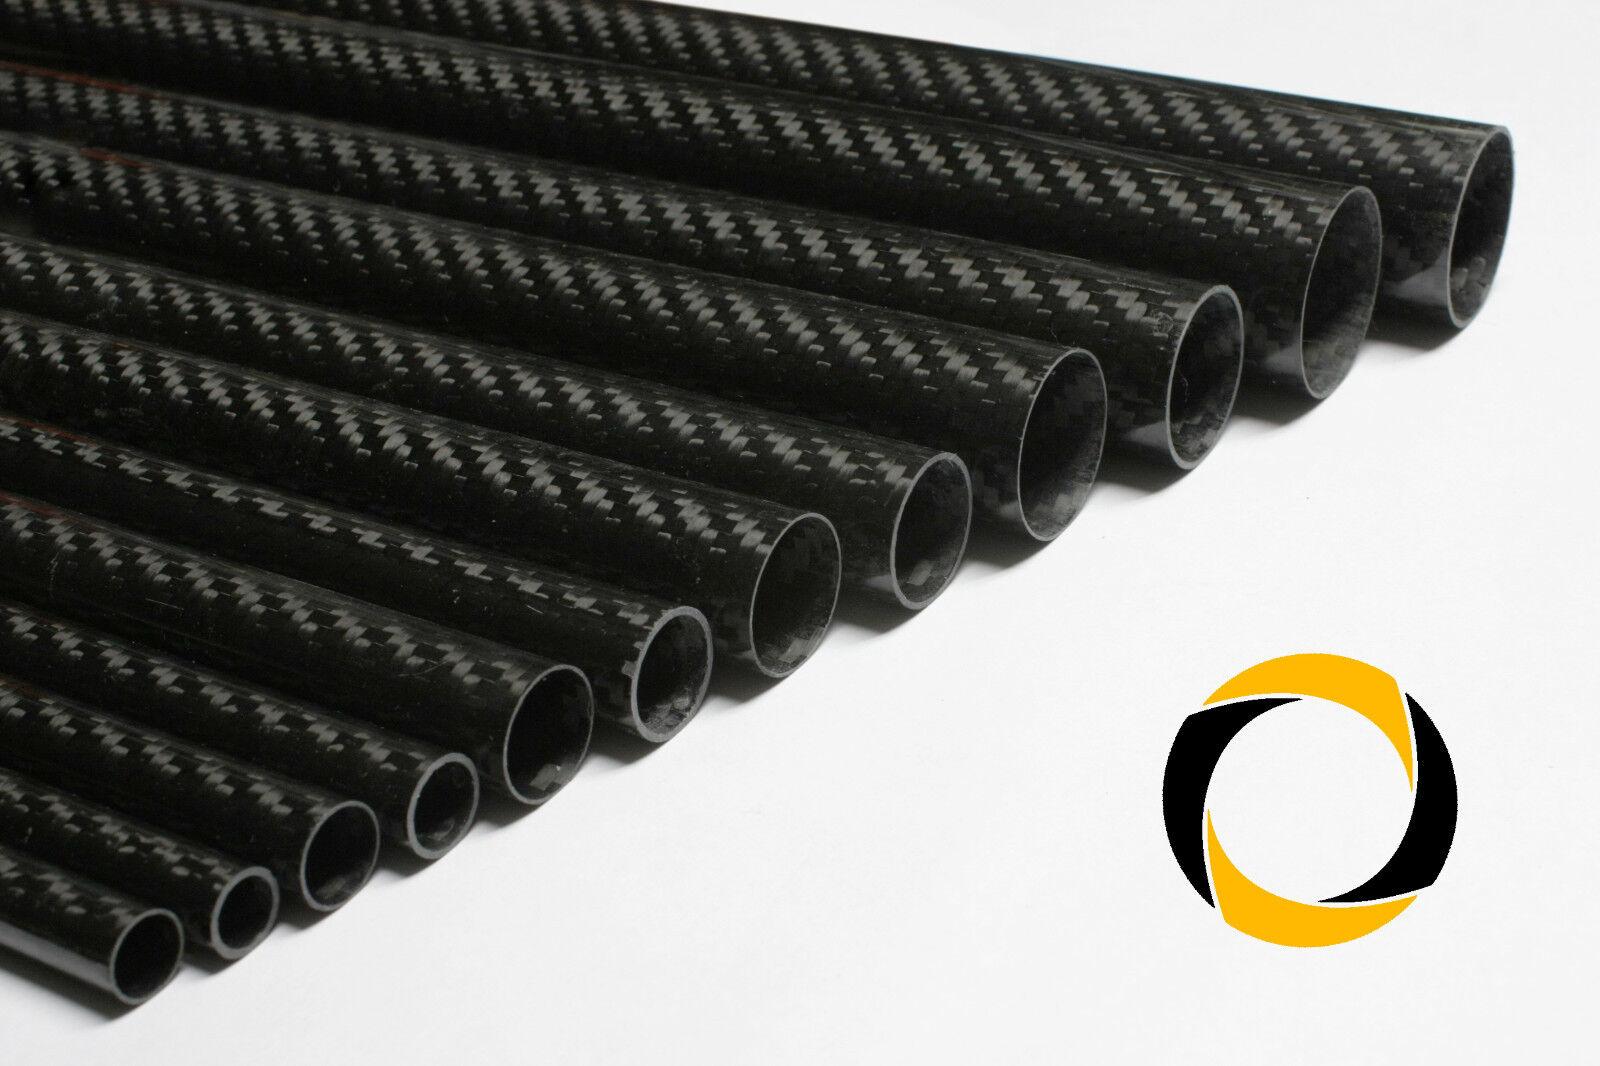 CFK-Rohr Premium Ø10-30mm Carbon glänzend 220g/m² 3K Köper CNC Fräsen Kohlefaser